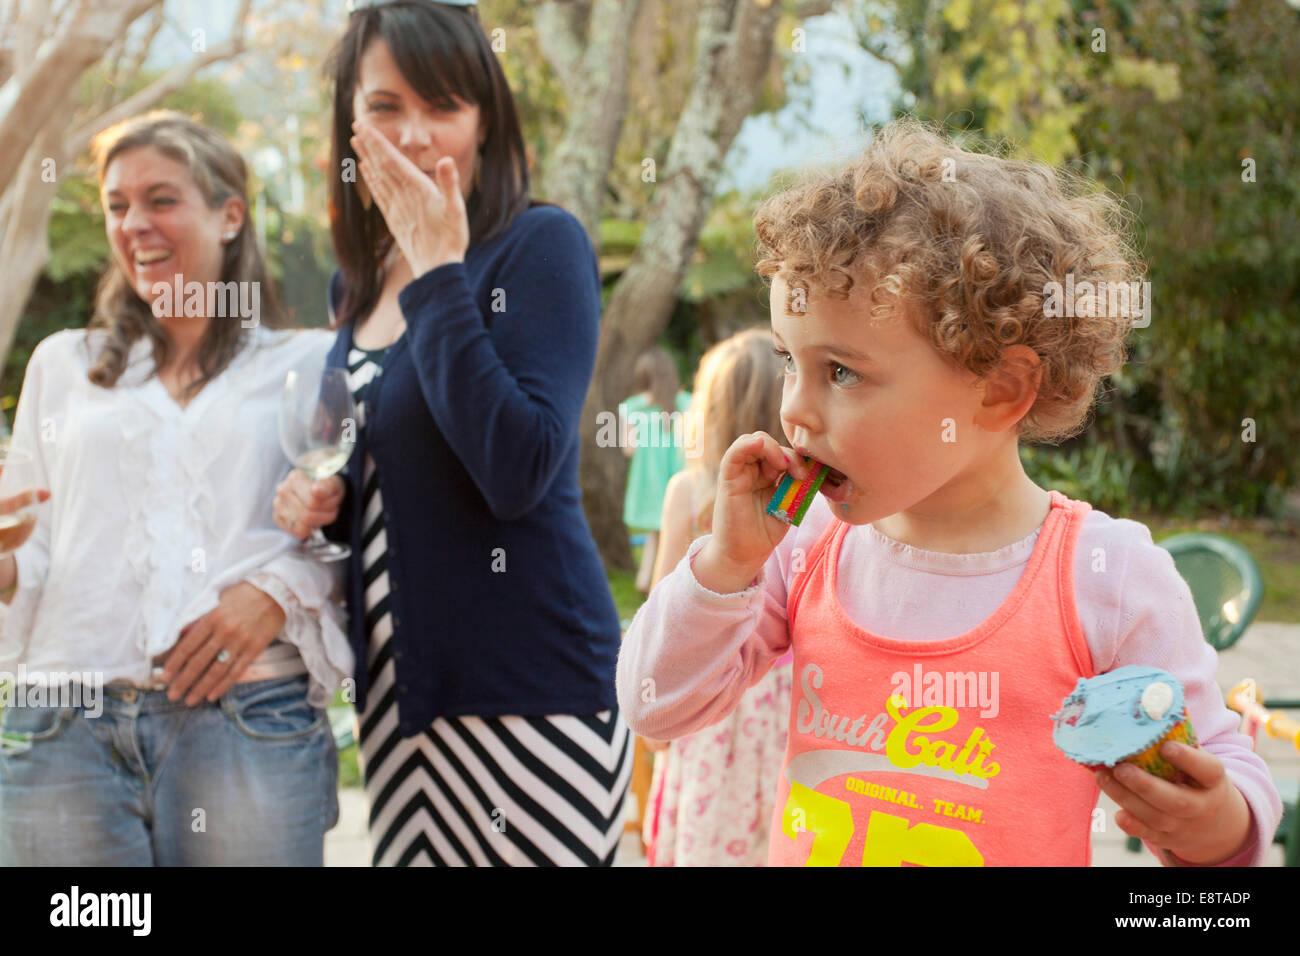 Junges Mädchen essen ihre Tasse Kuchen auf einer Party. Stockbild